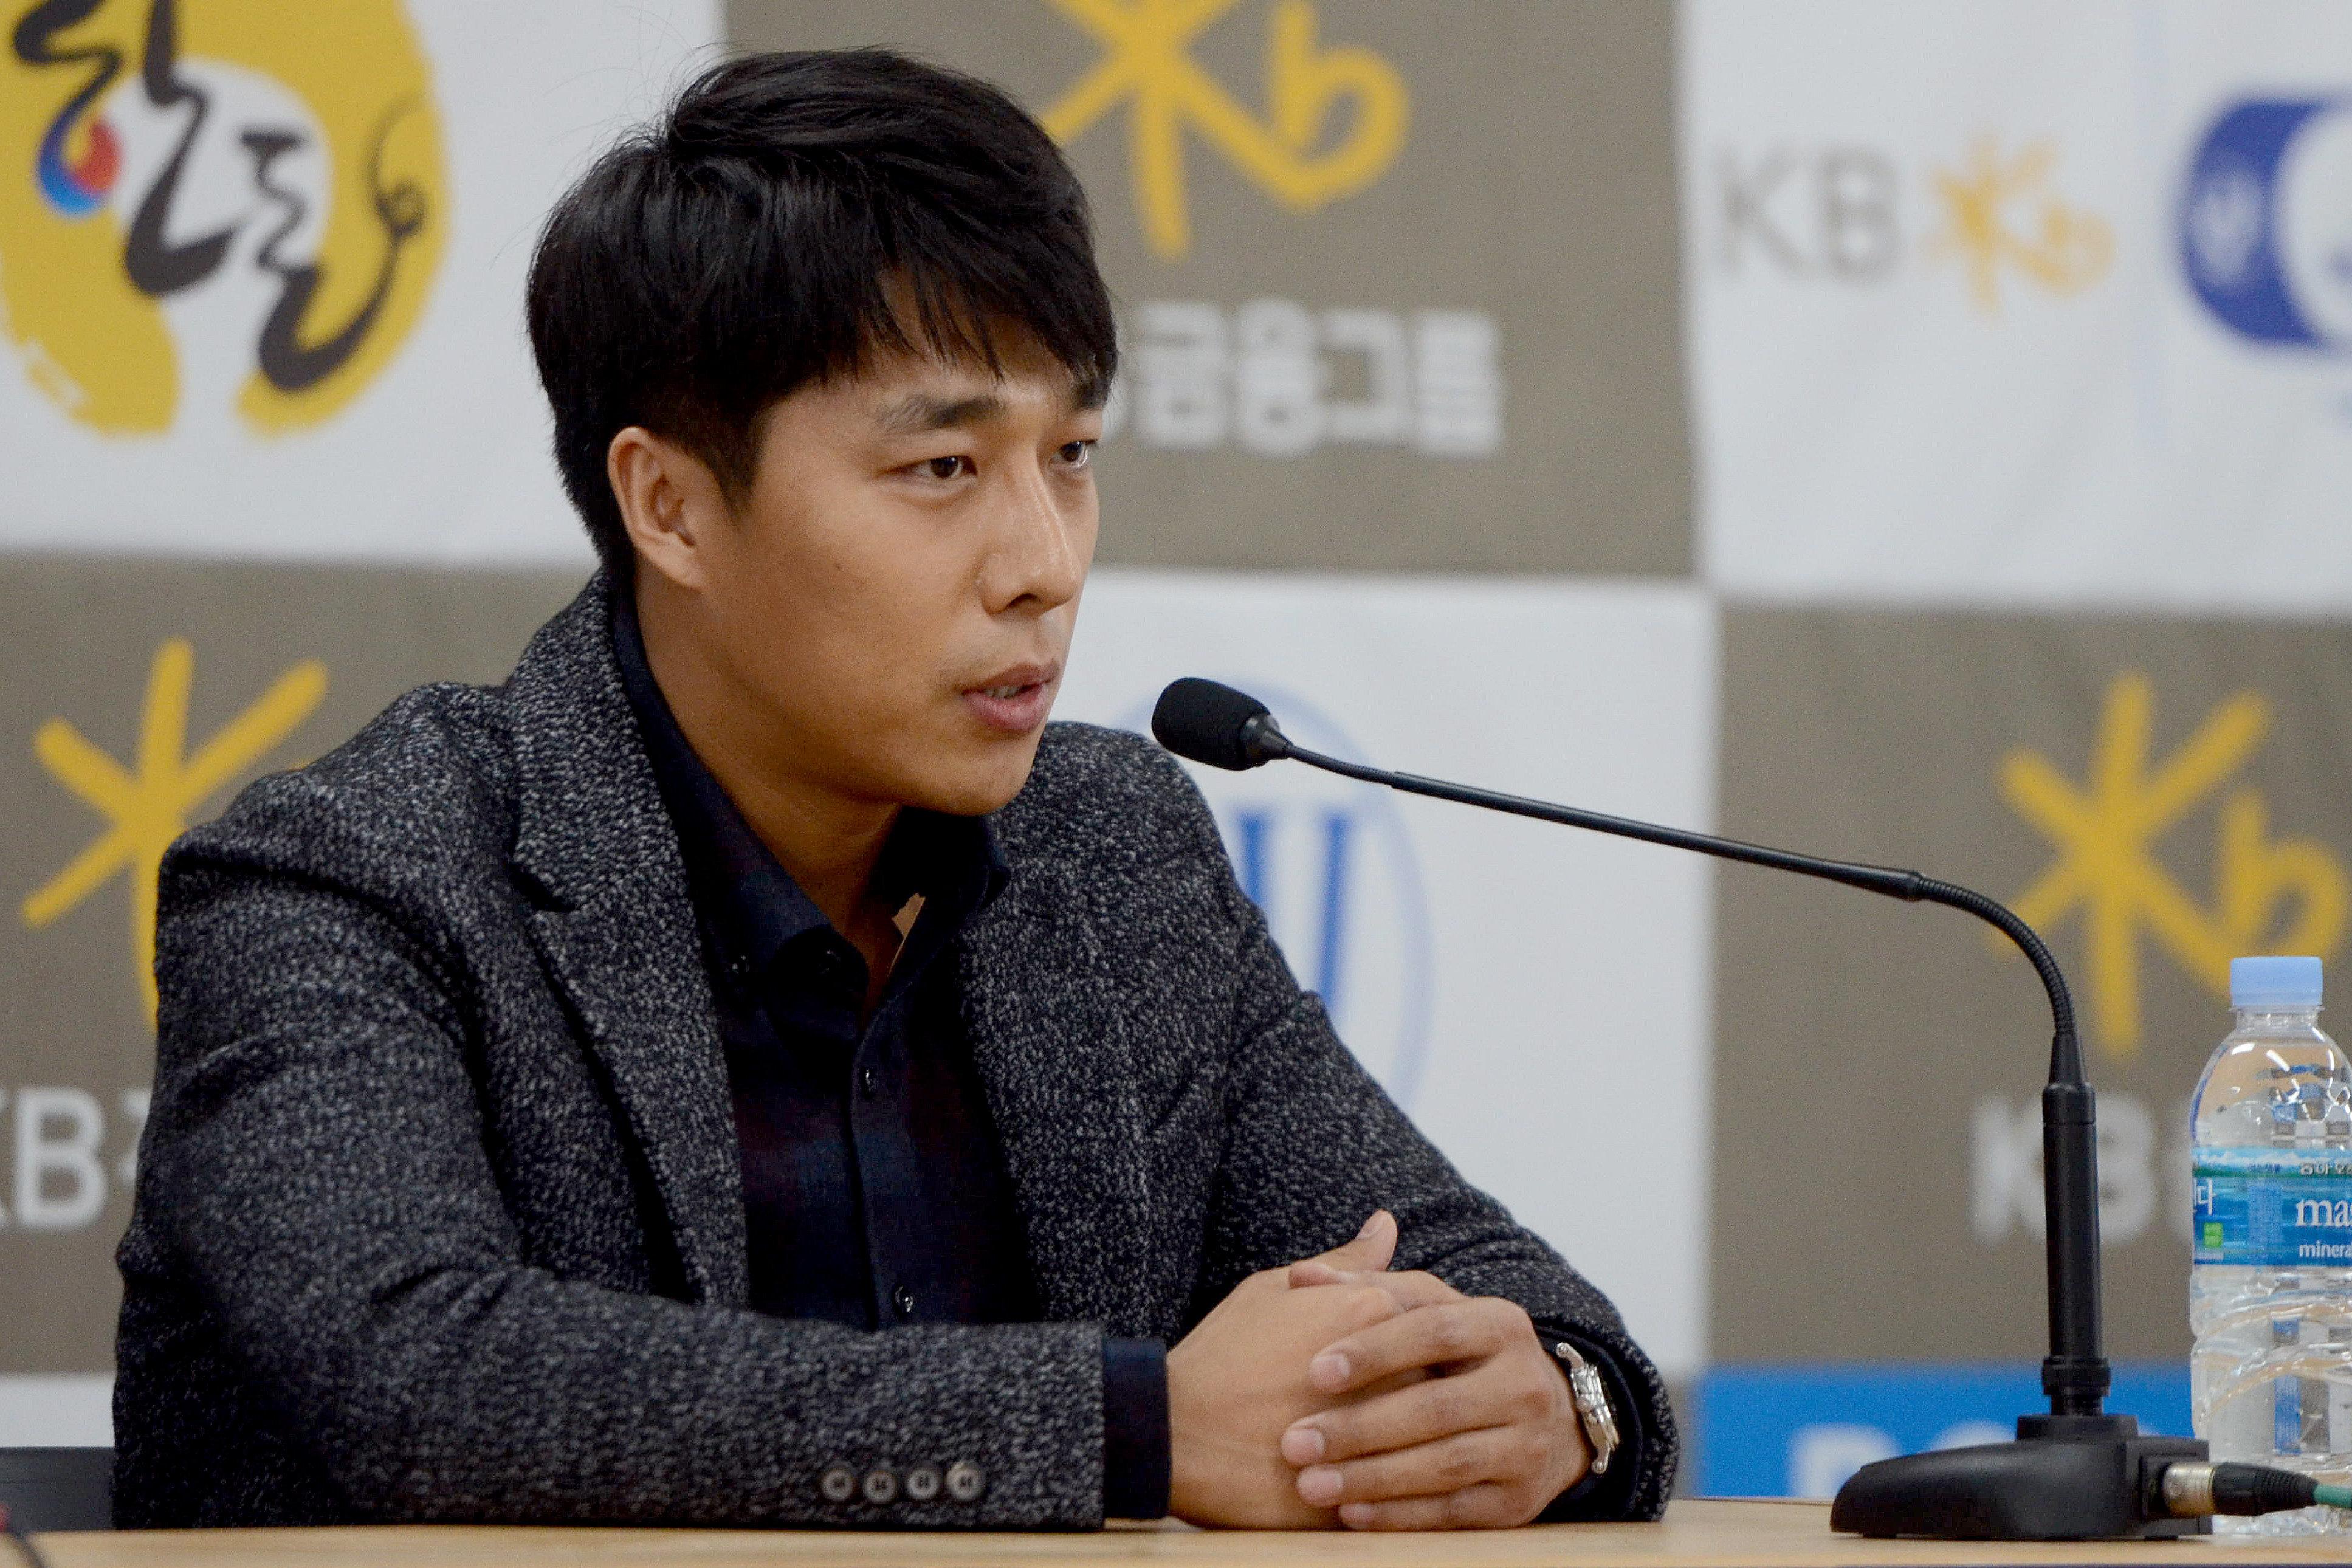 전 쇼트트랙 국가대표 선수 김동성이